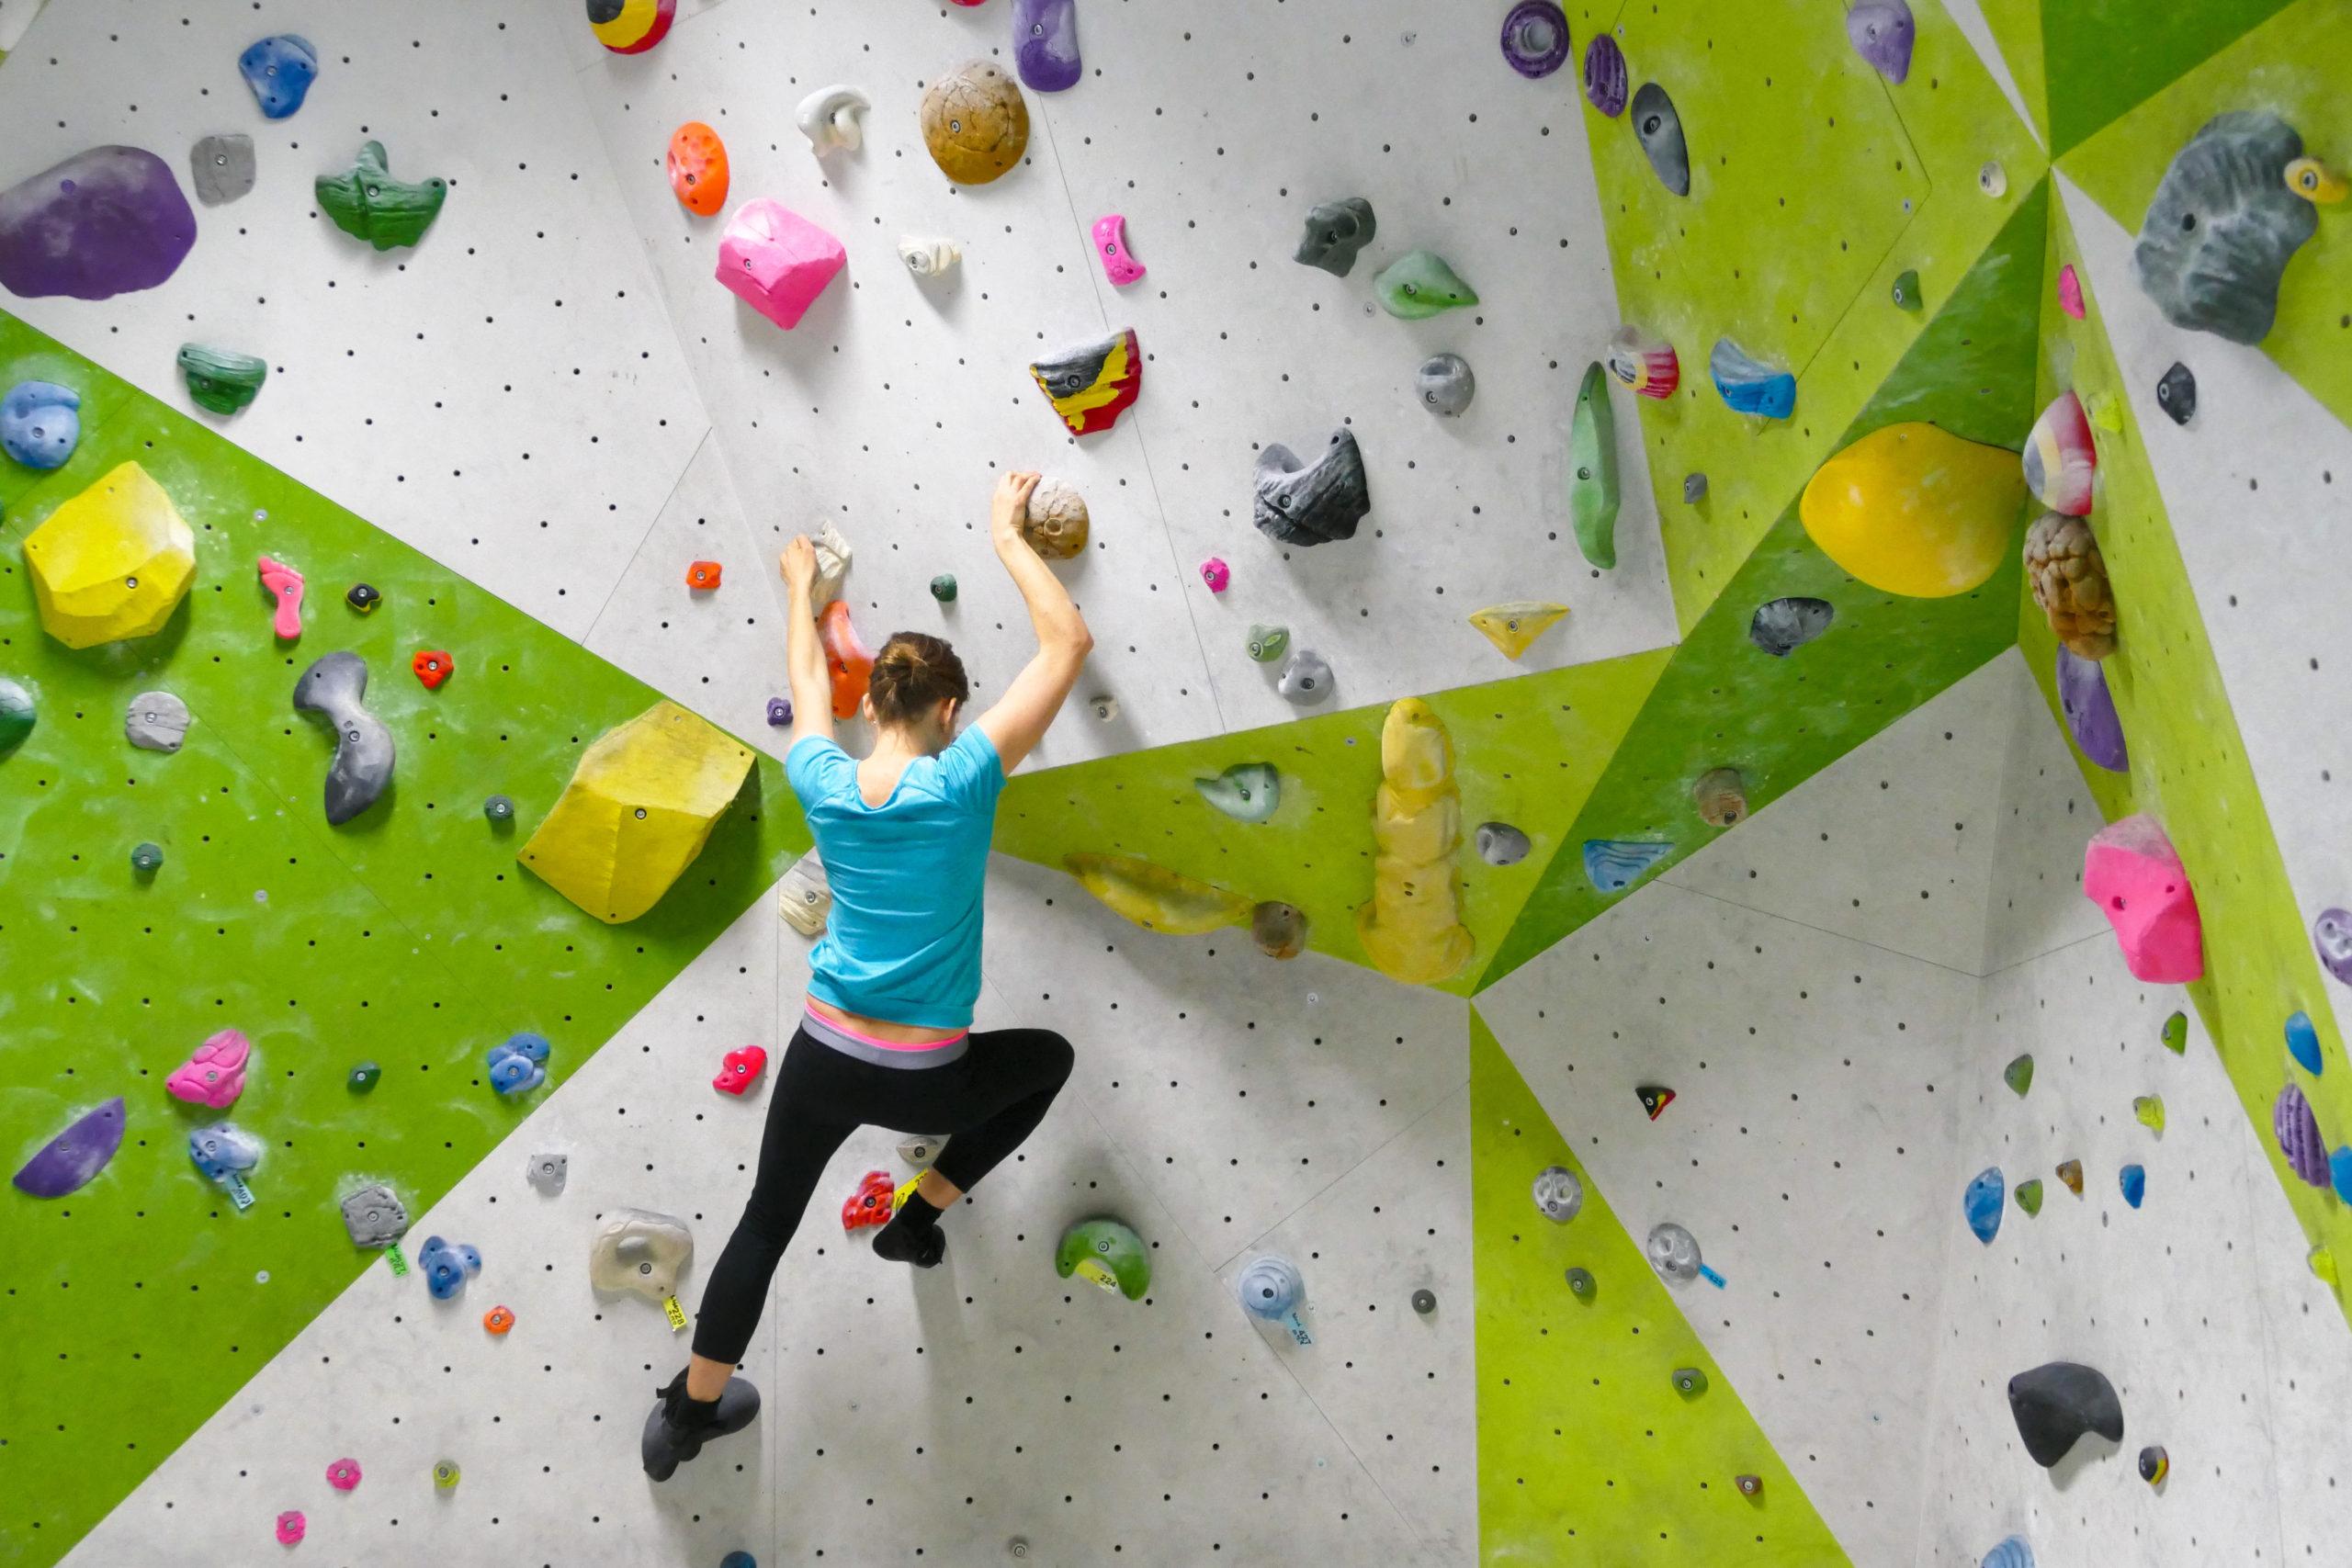 Junge Frau boulderd in Kletterhalle